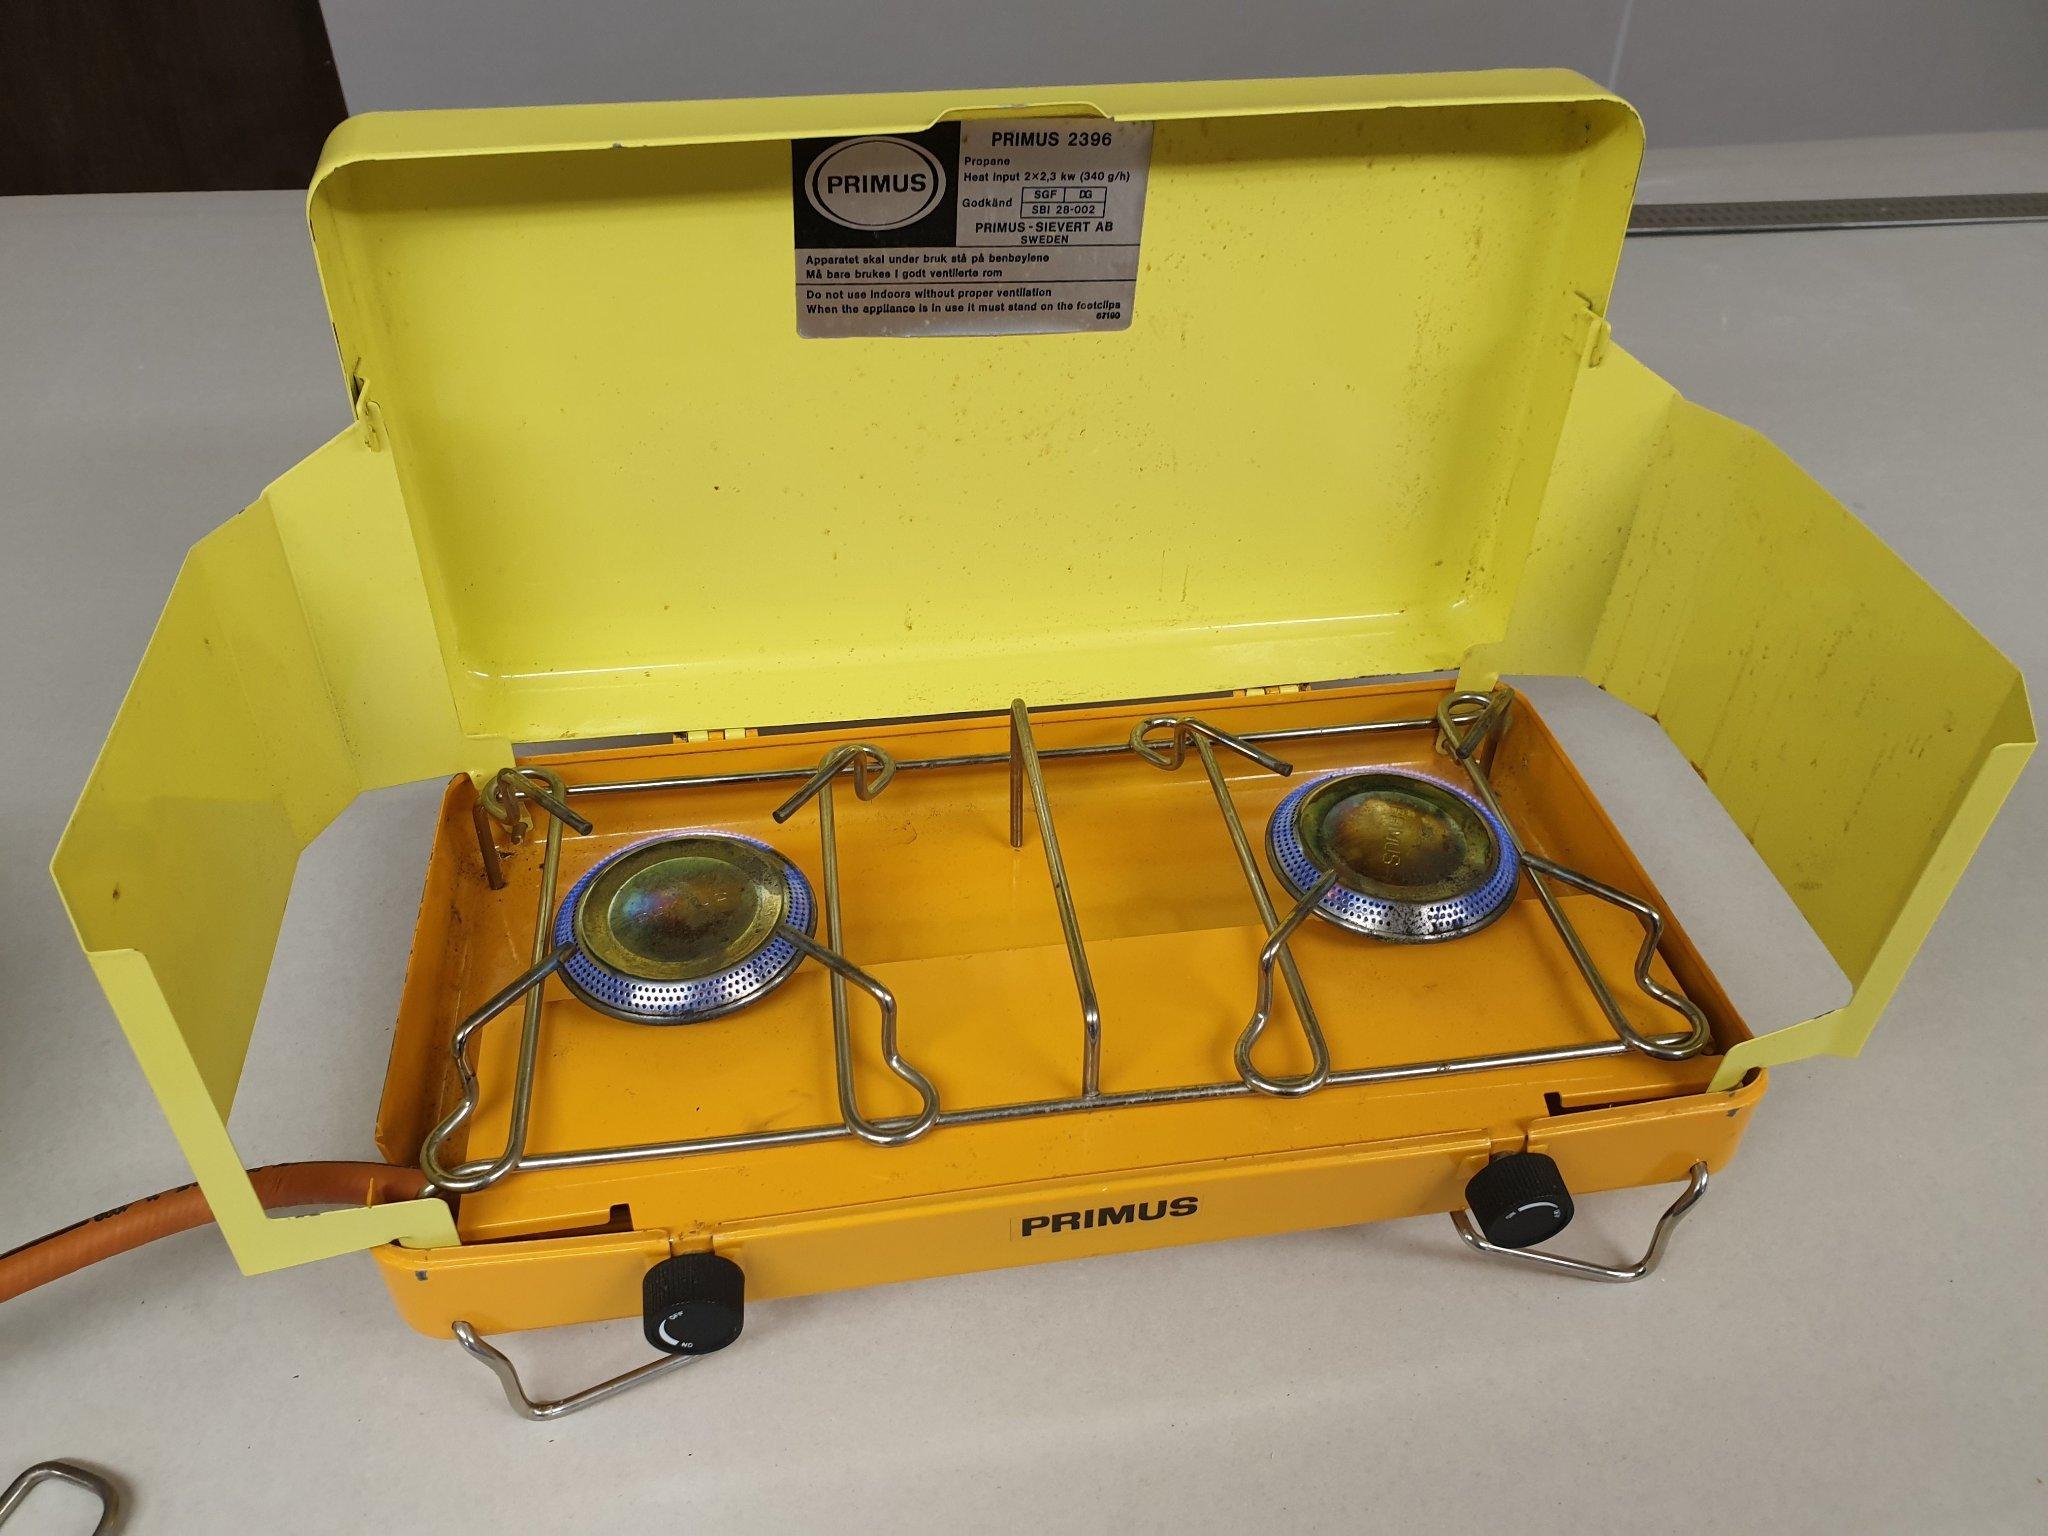 Primus 2396 gasolkök campingkök (346088059) ᐈ Köp på Tradera